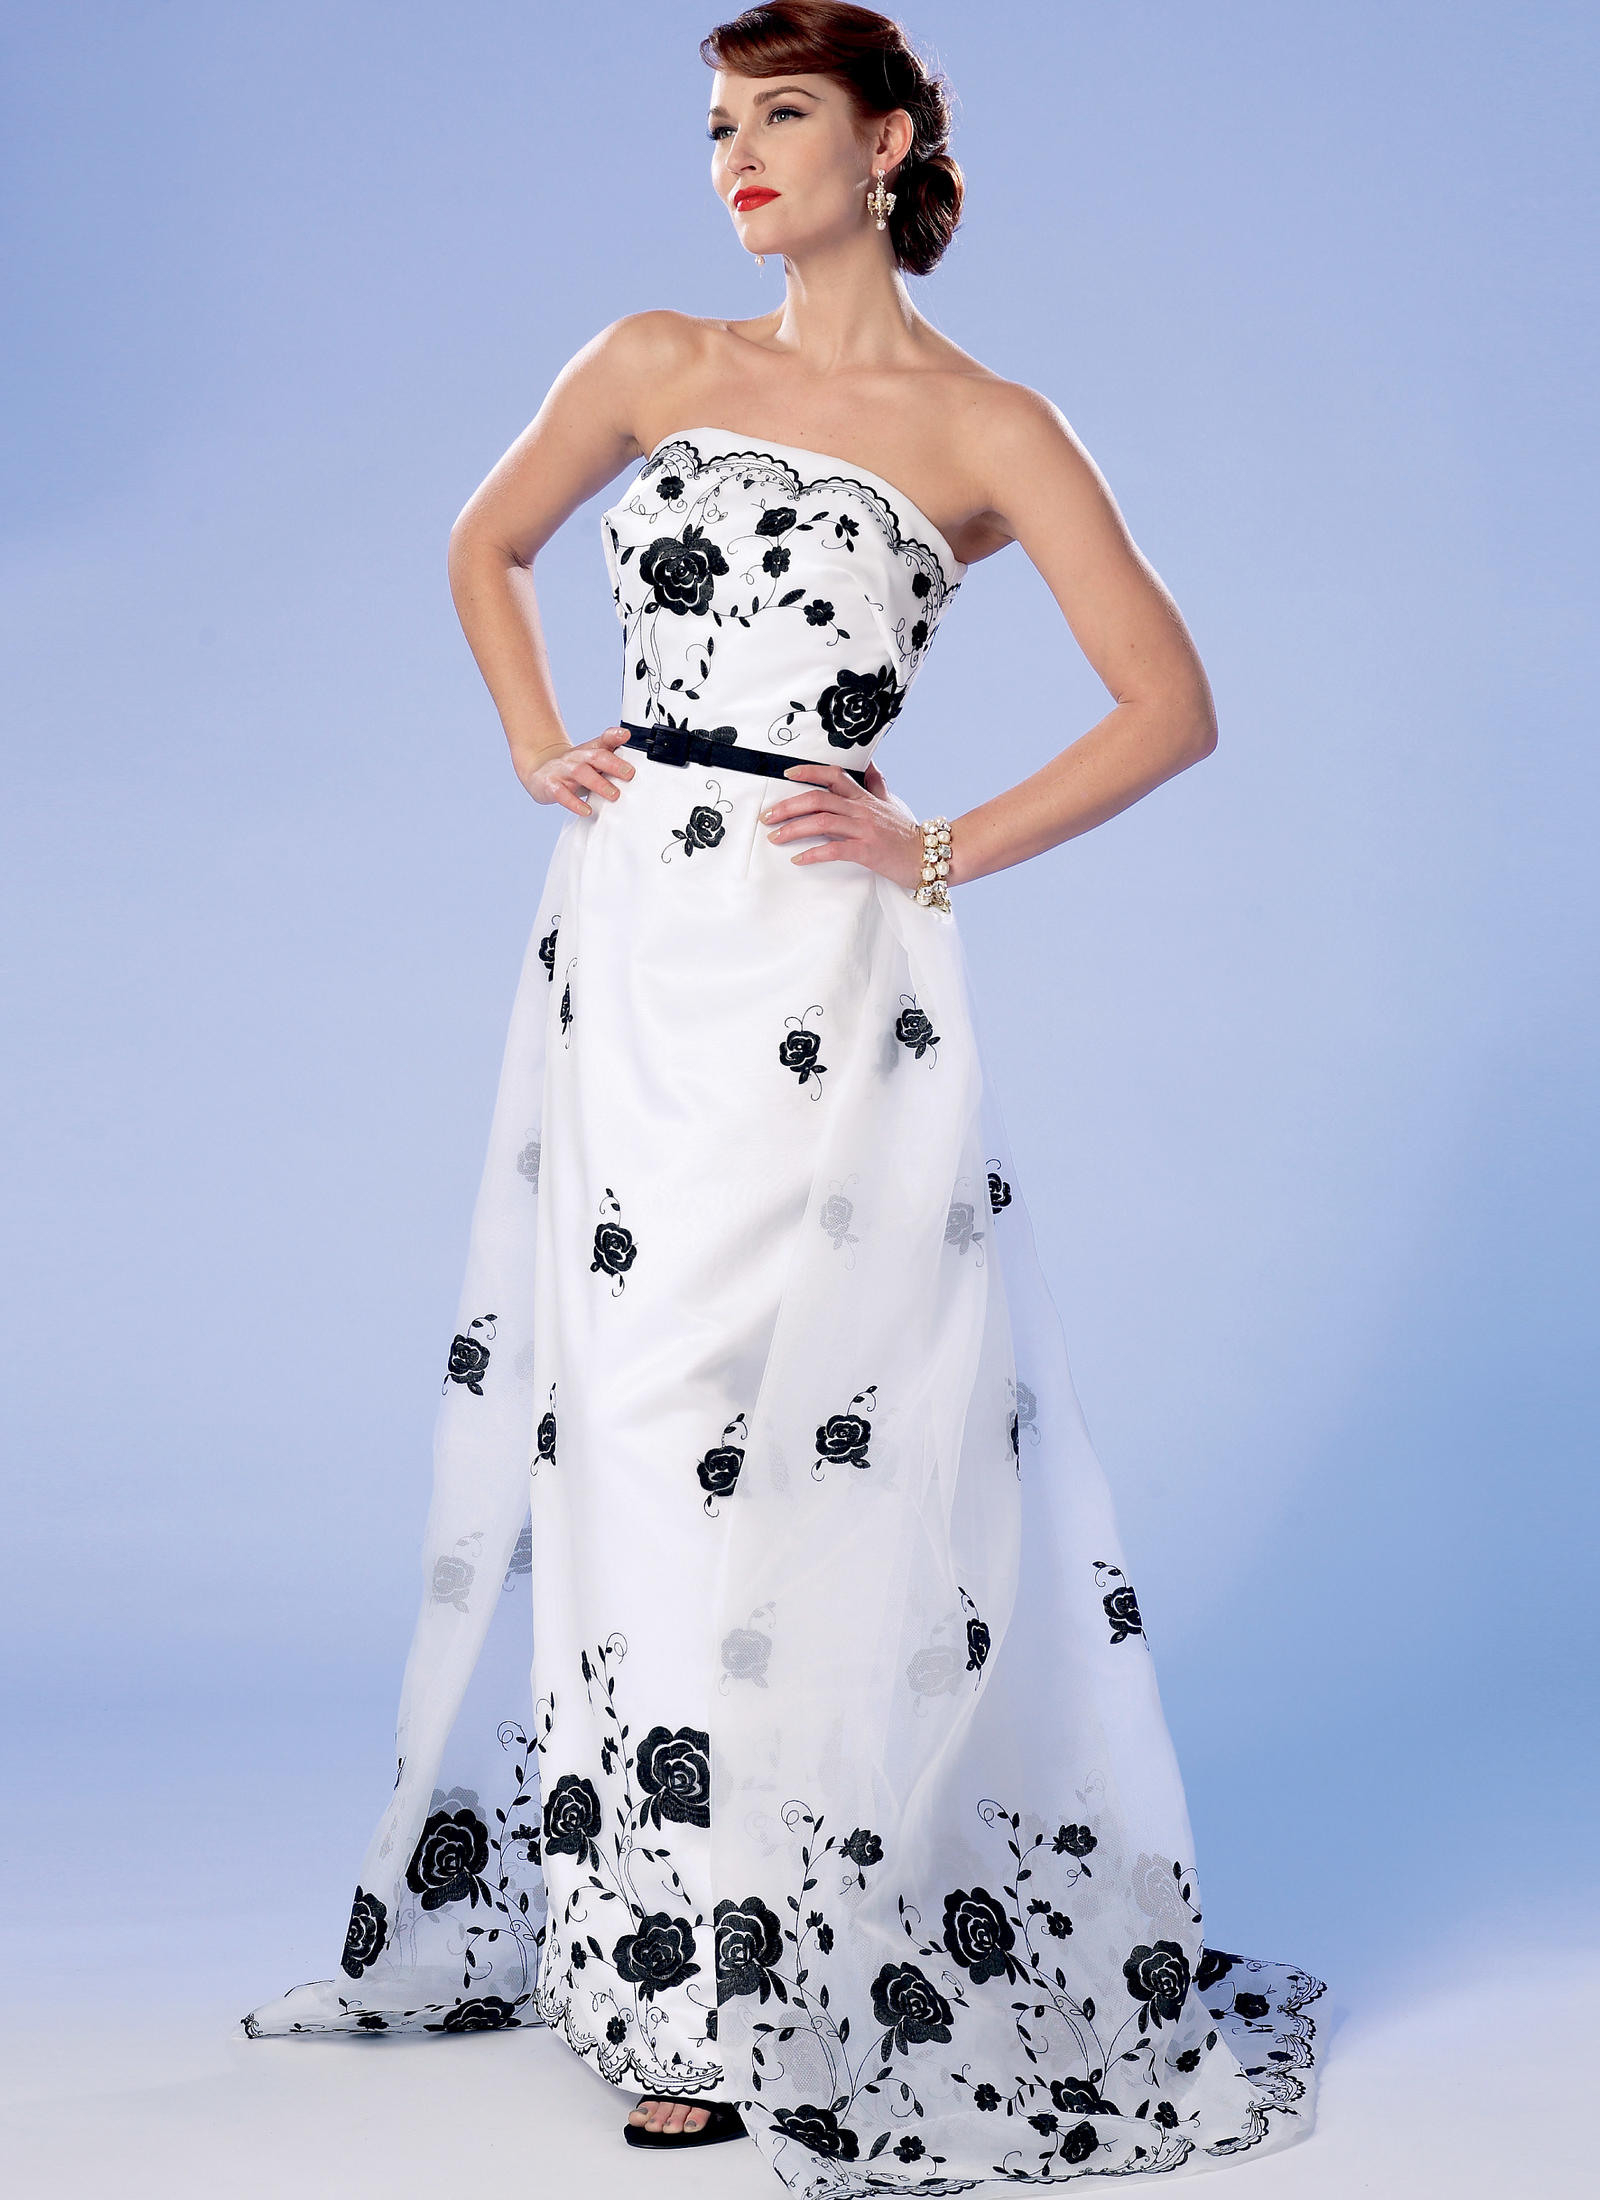 Designer Fantastisch Abendkleid Kürzen VertriebAbend Genial Abendkleid Kürzen Bester Preis